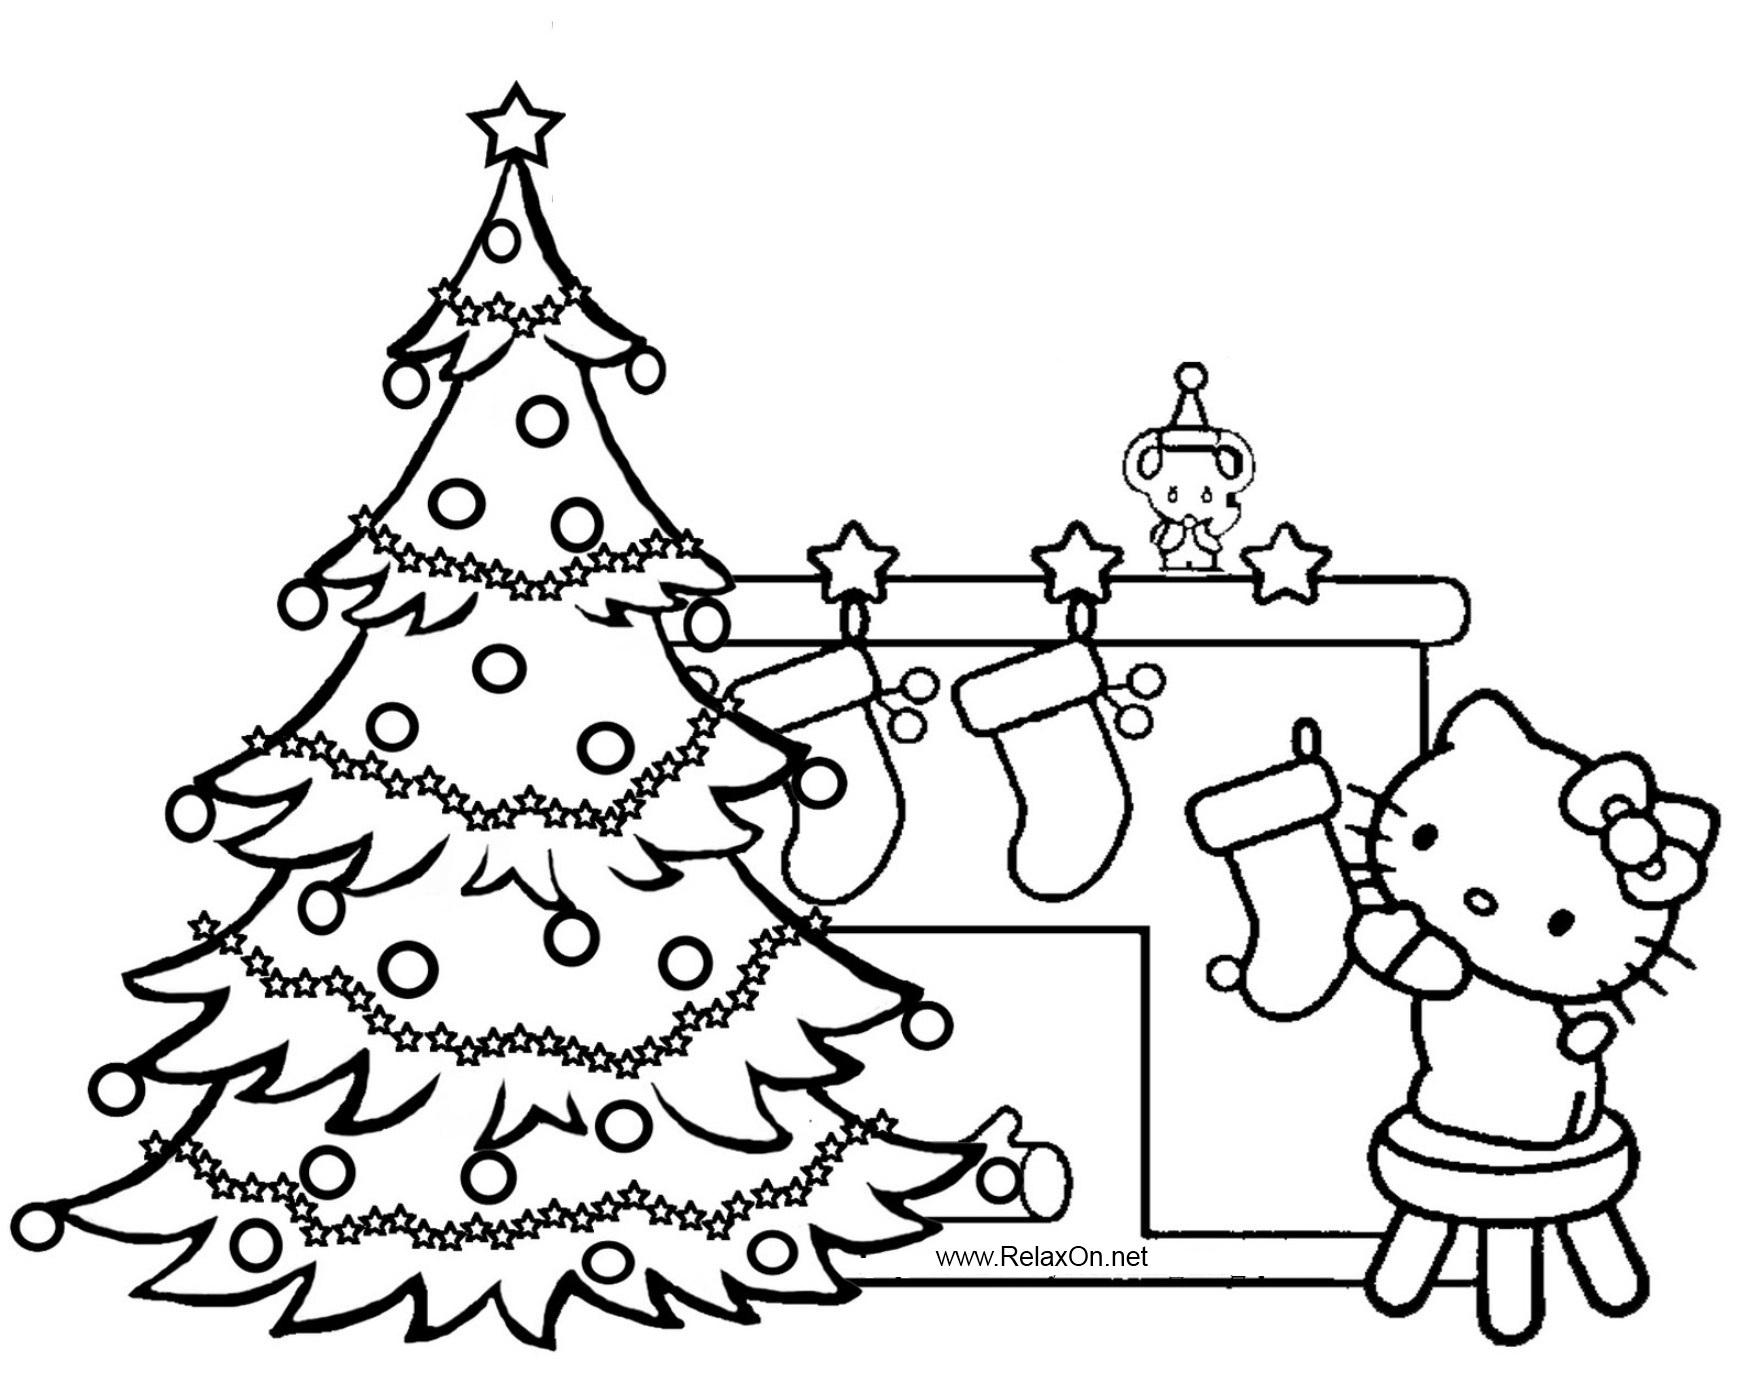 Скачать новогодние раскраски елочка